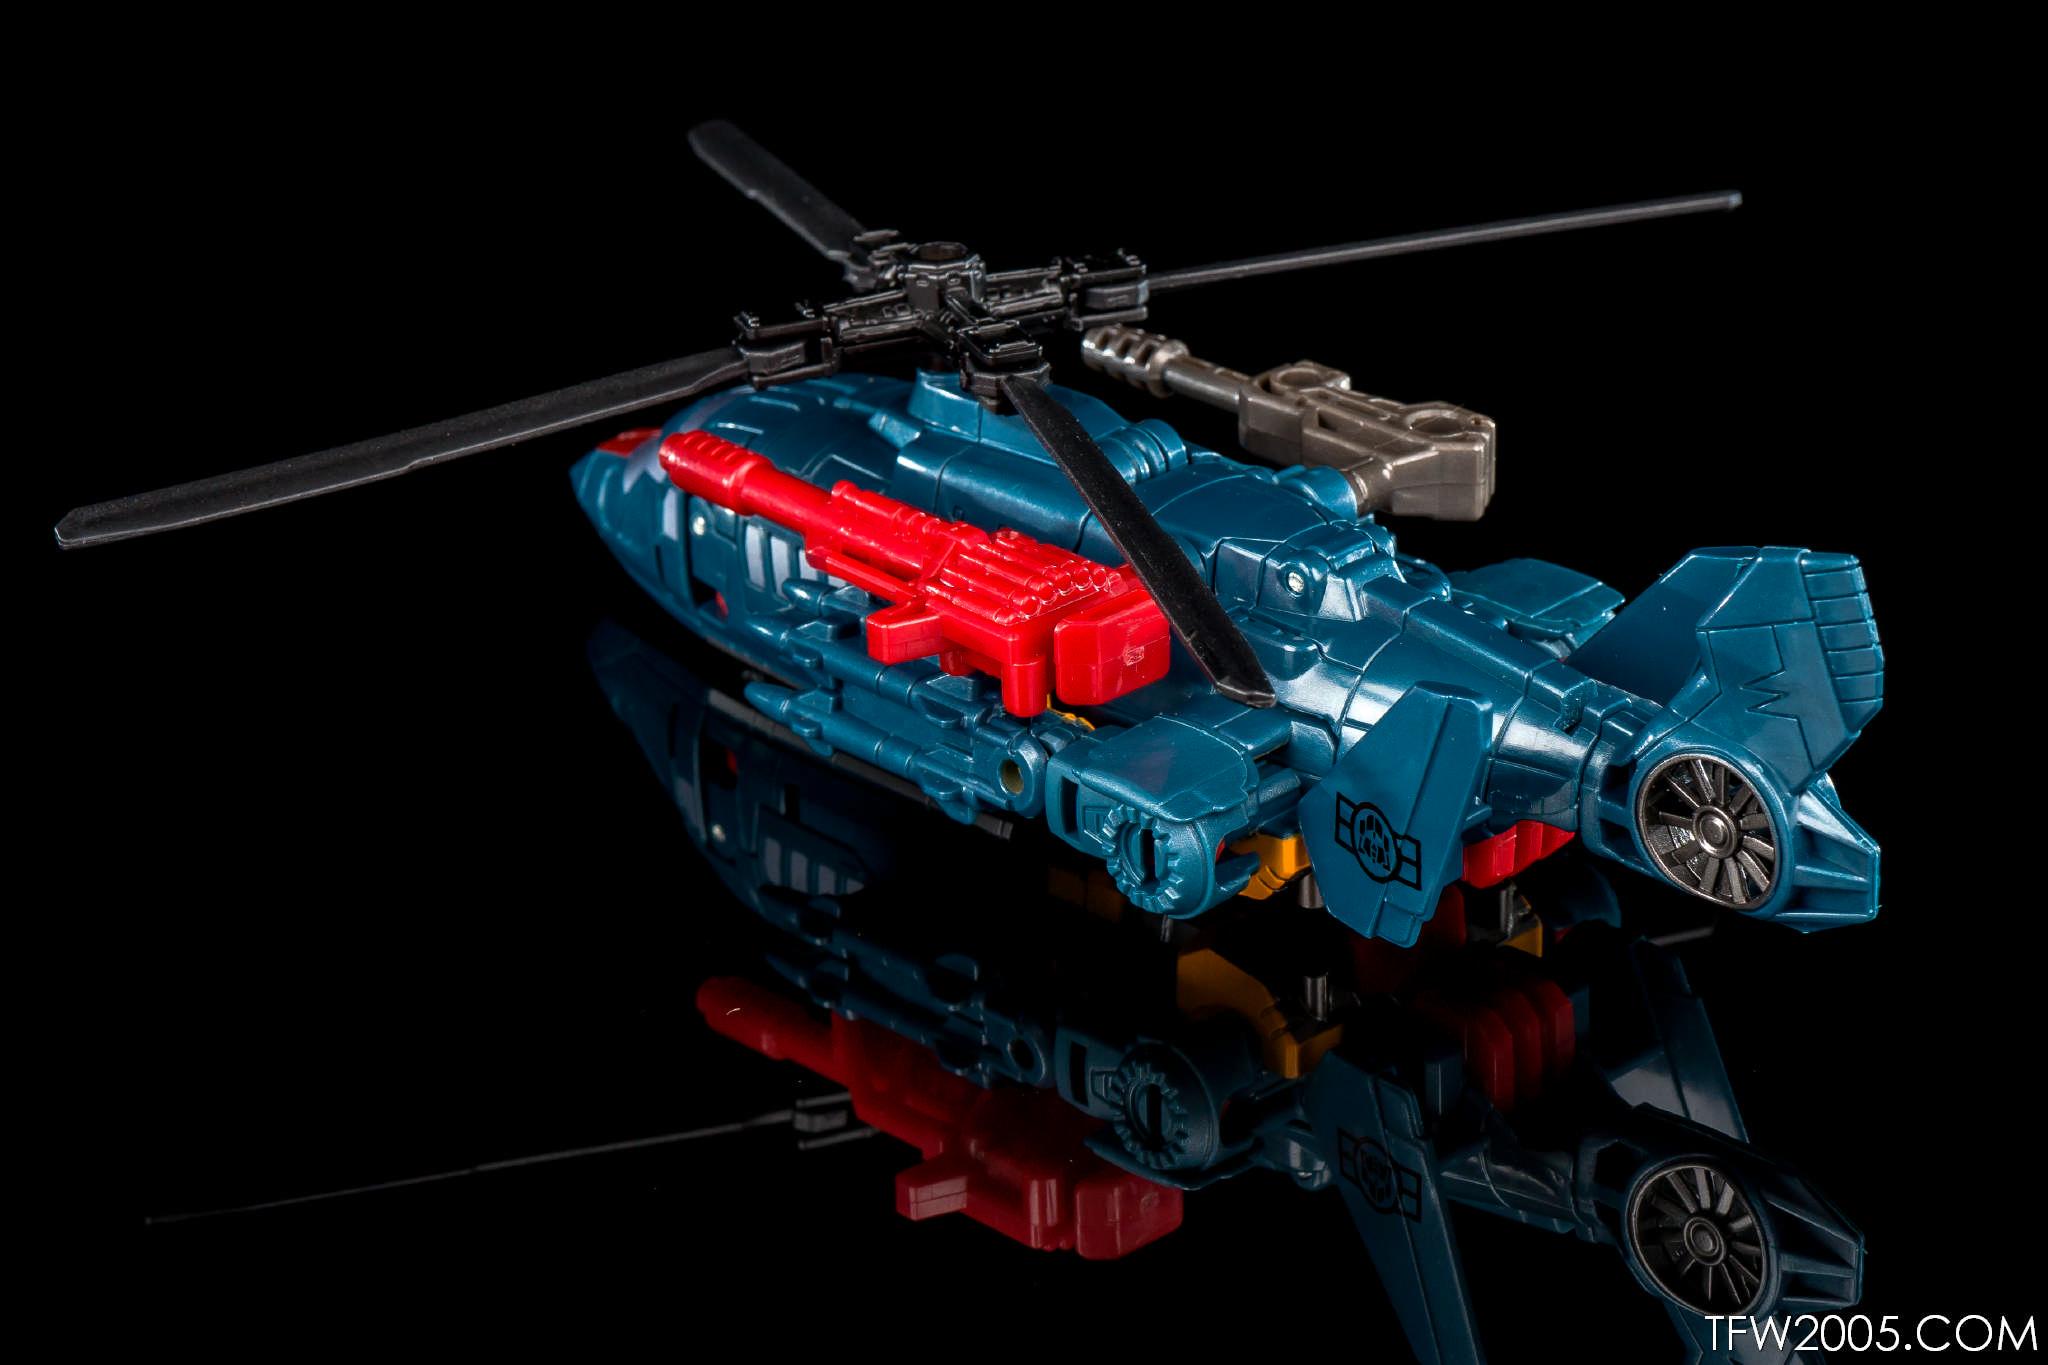 UW Hepter 02